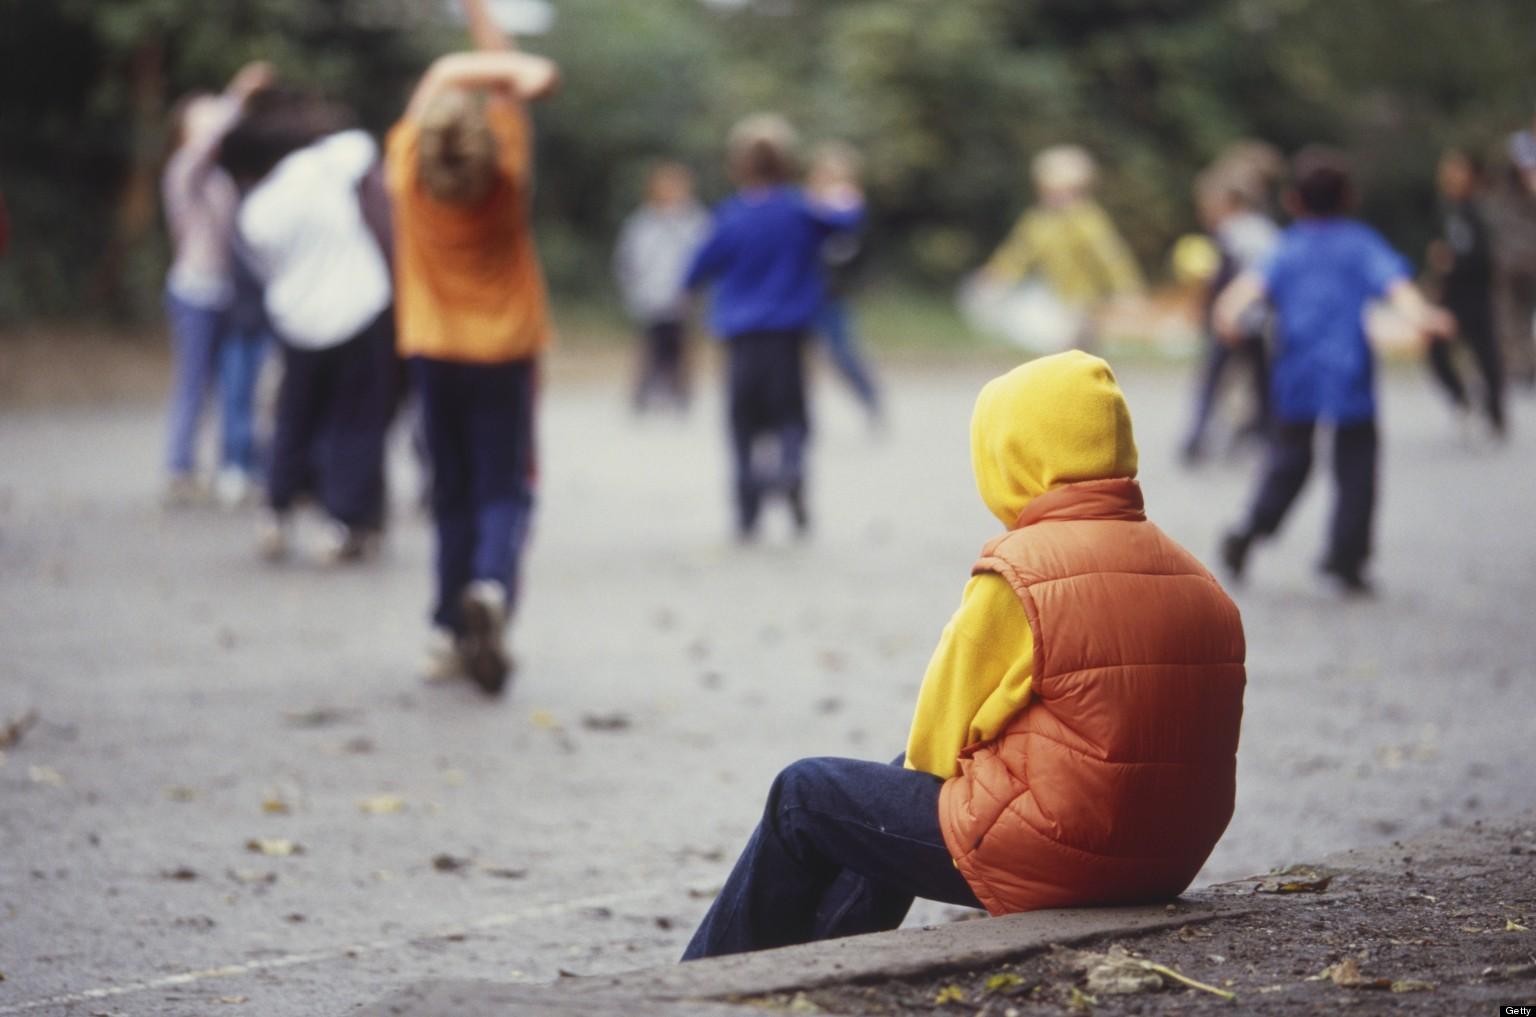 gangguan seksual kanak-kanak